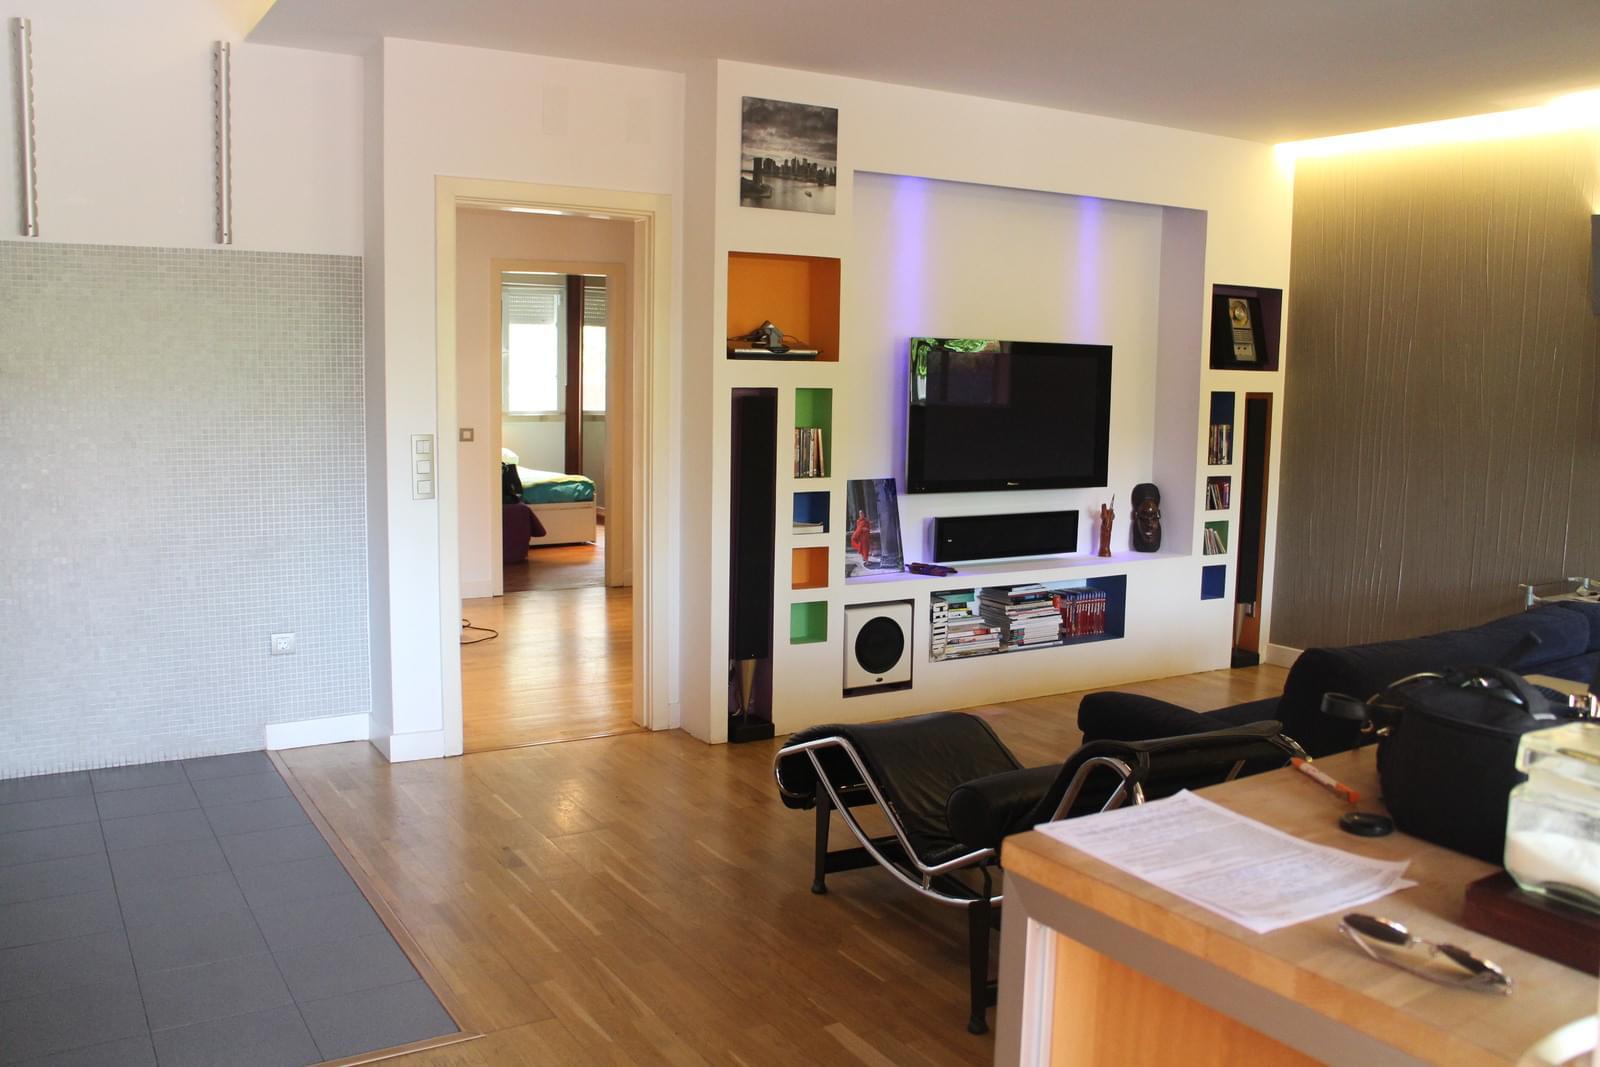 pf17538-apartamento-t2-cascais-b7688f86-2403-4dd4-84a7-b5da78b4b36d